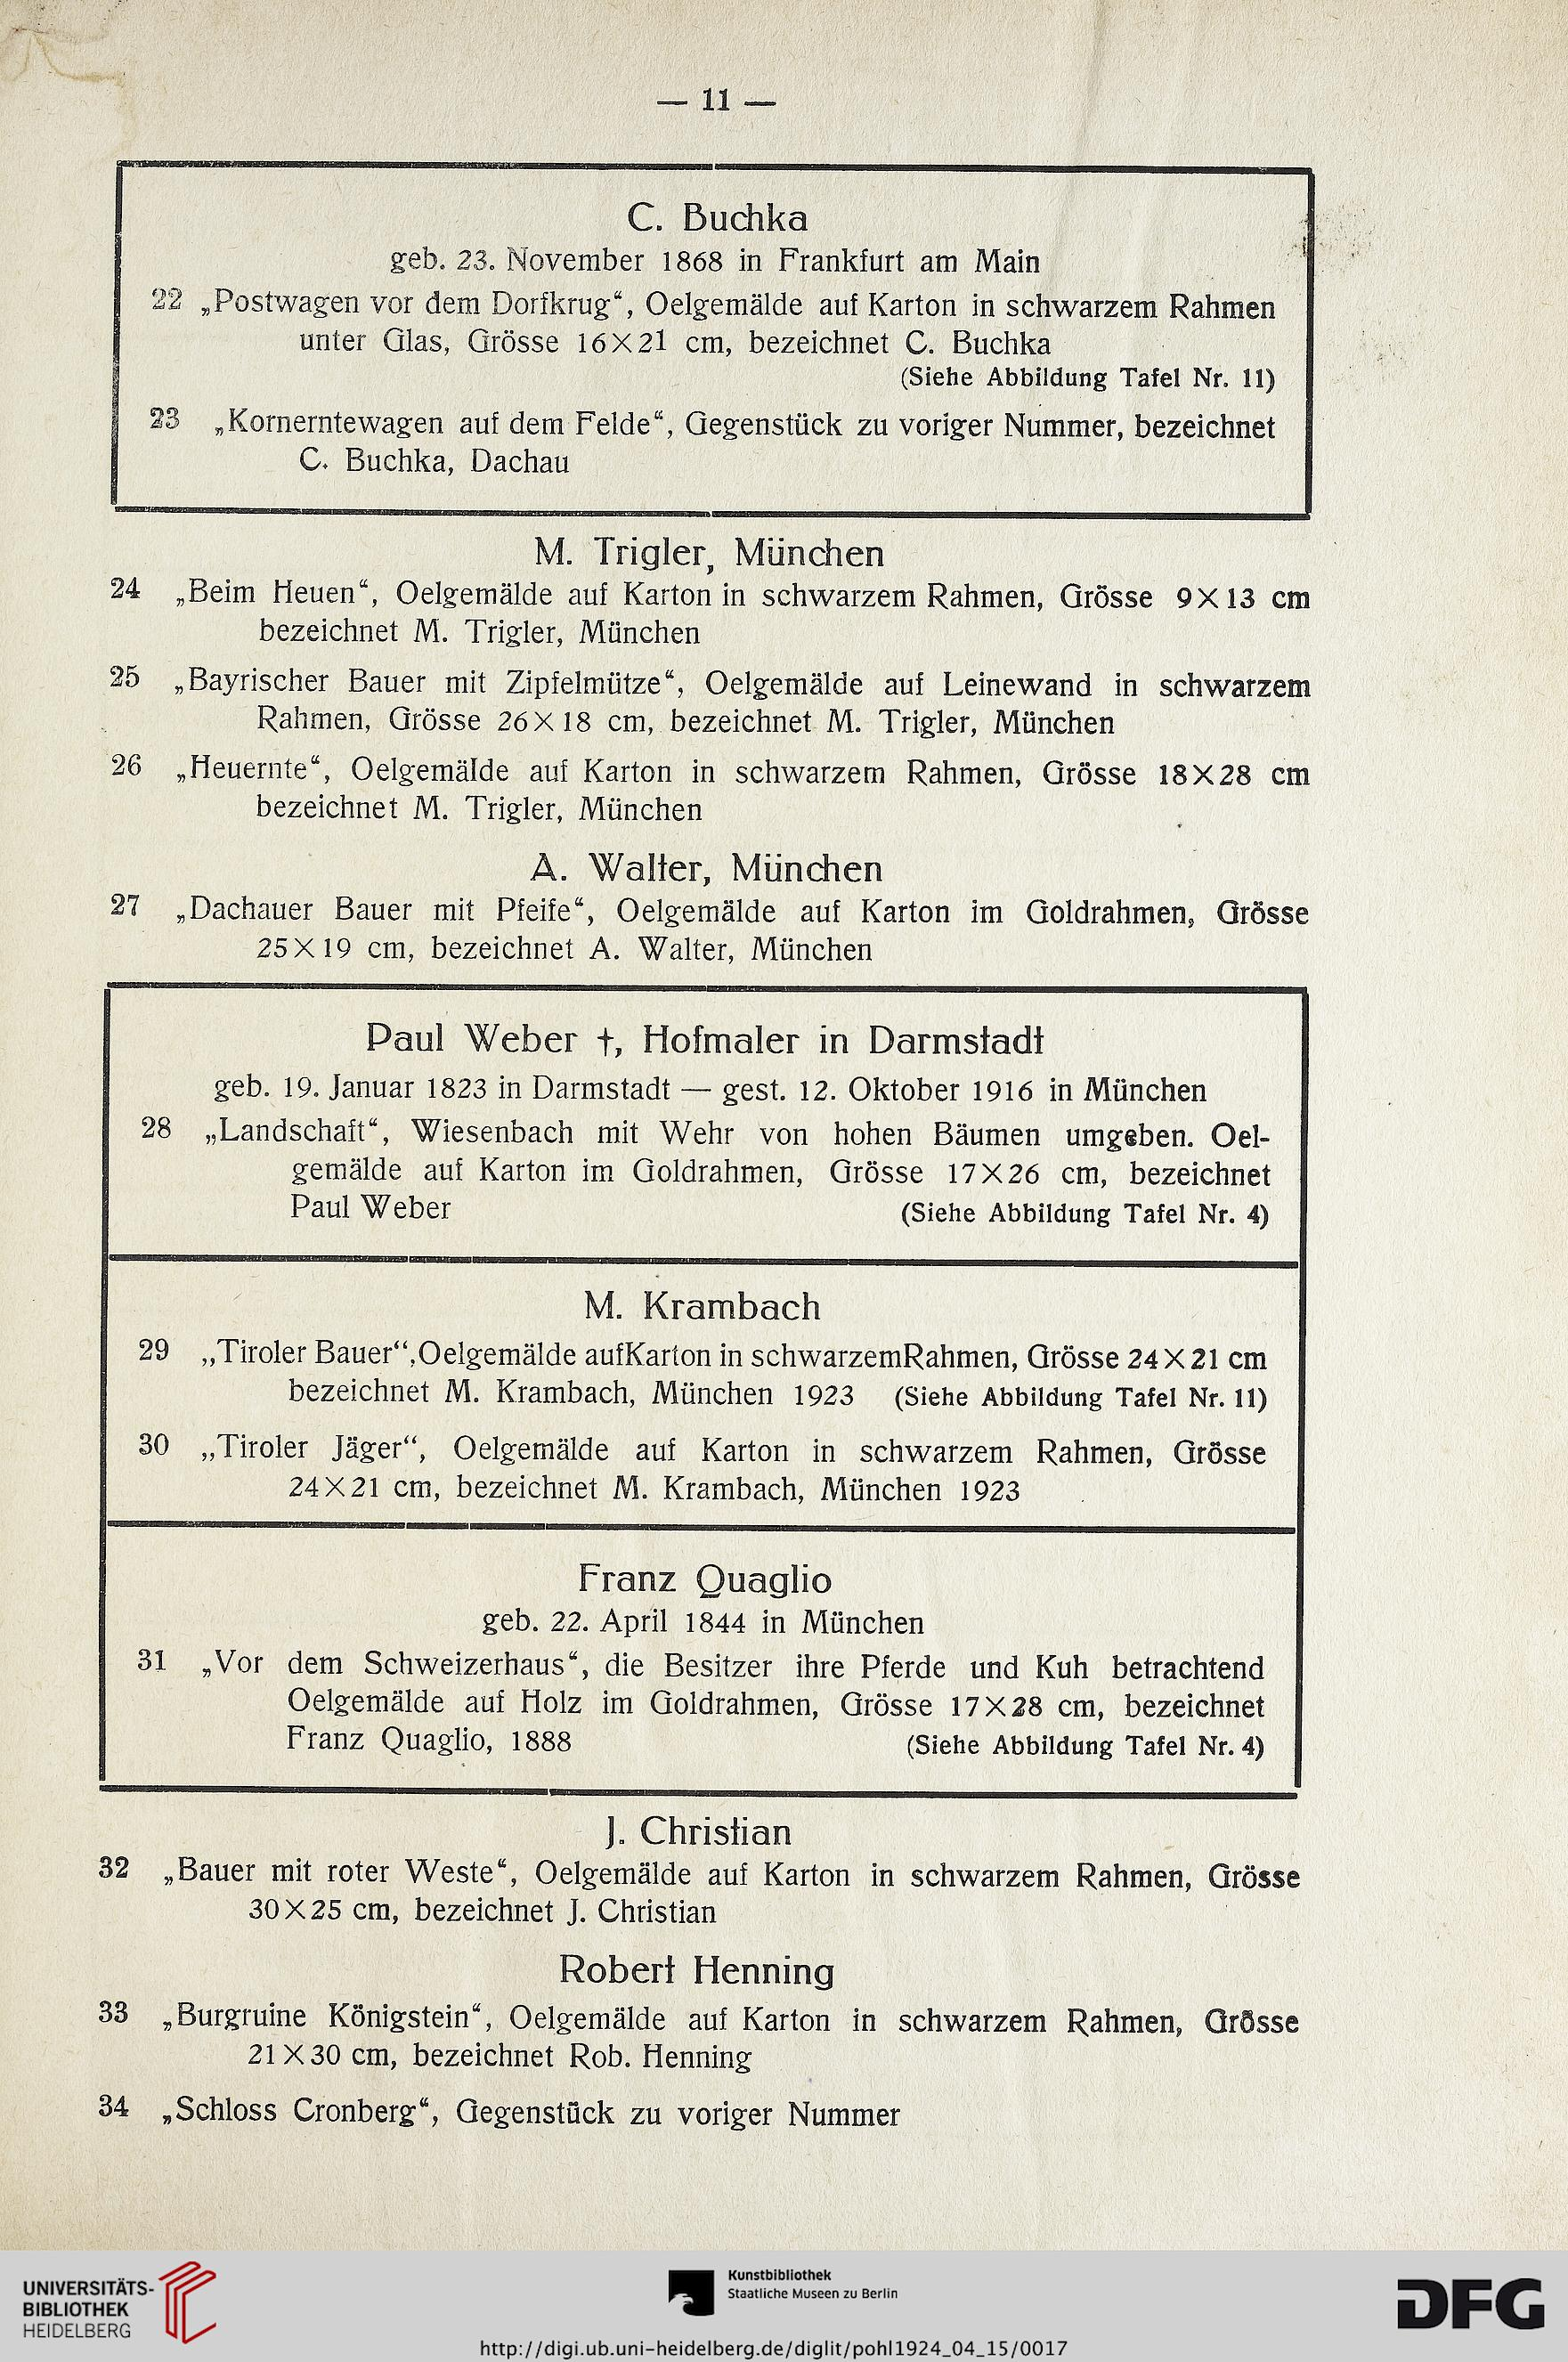 Kunst-Auktionshaus G. Adolf Pohl <Hamburg> [Hrsg.]: Gemälde Sammlung ...